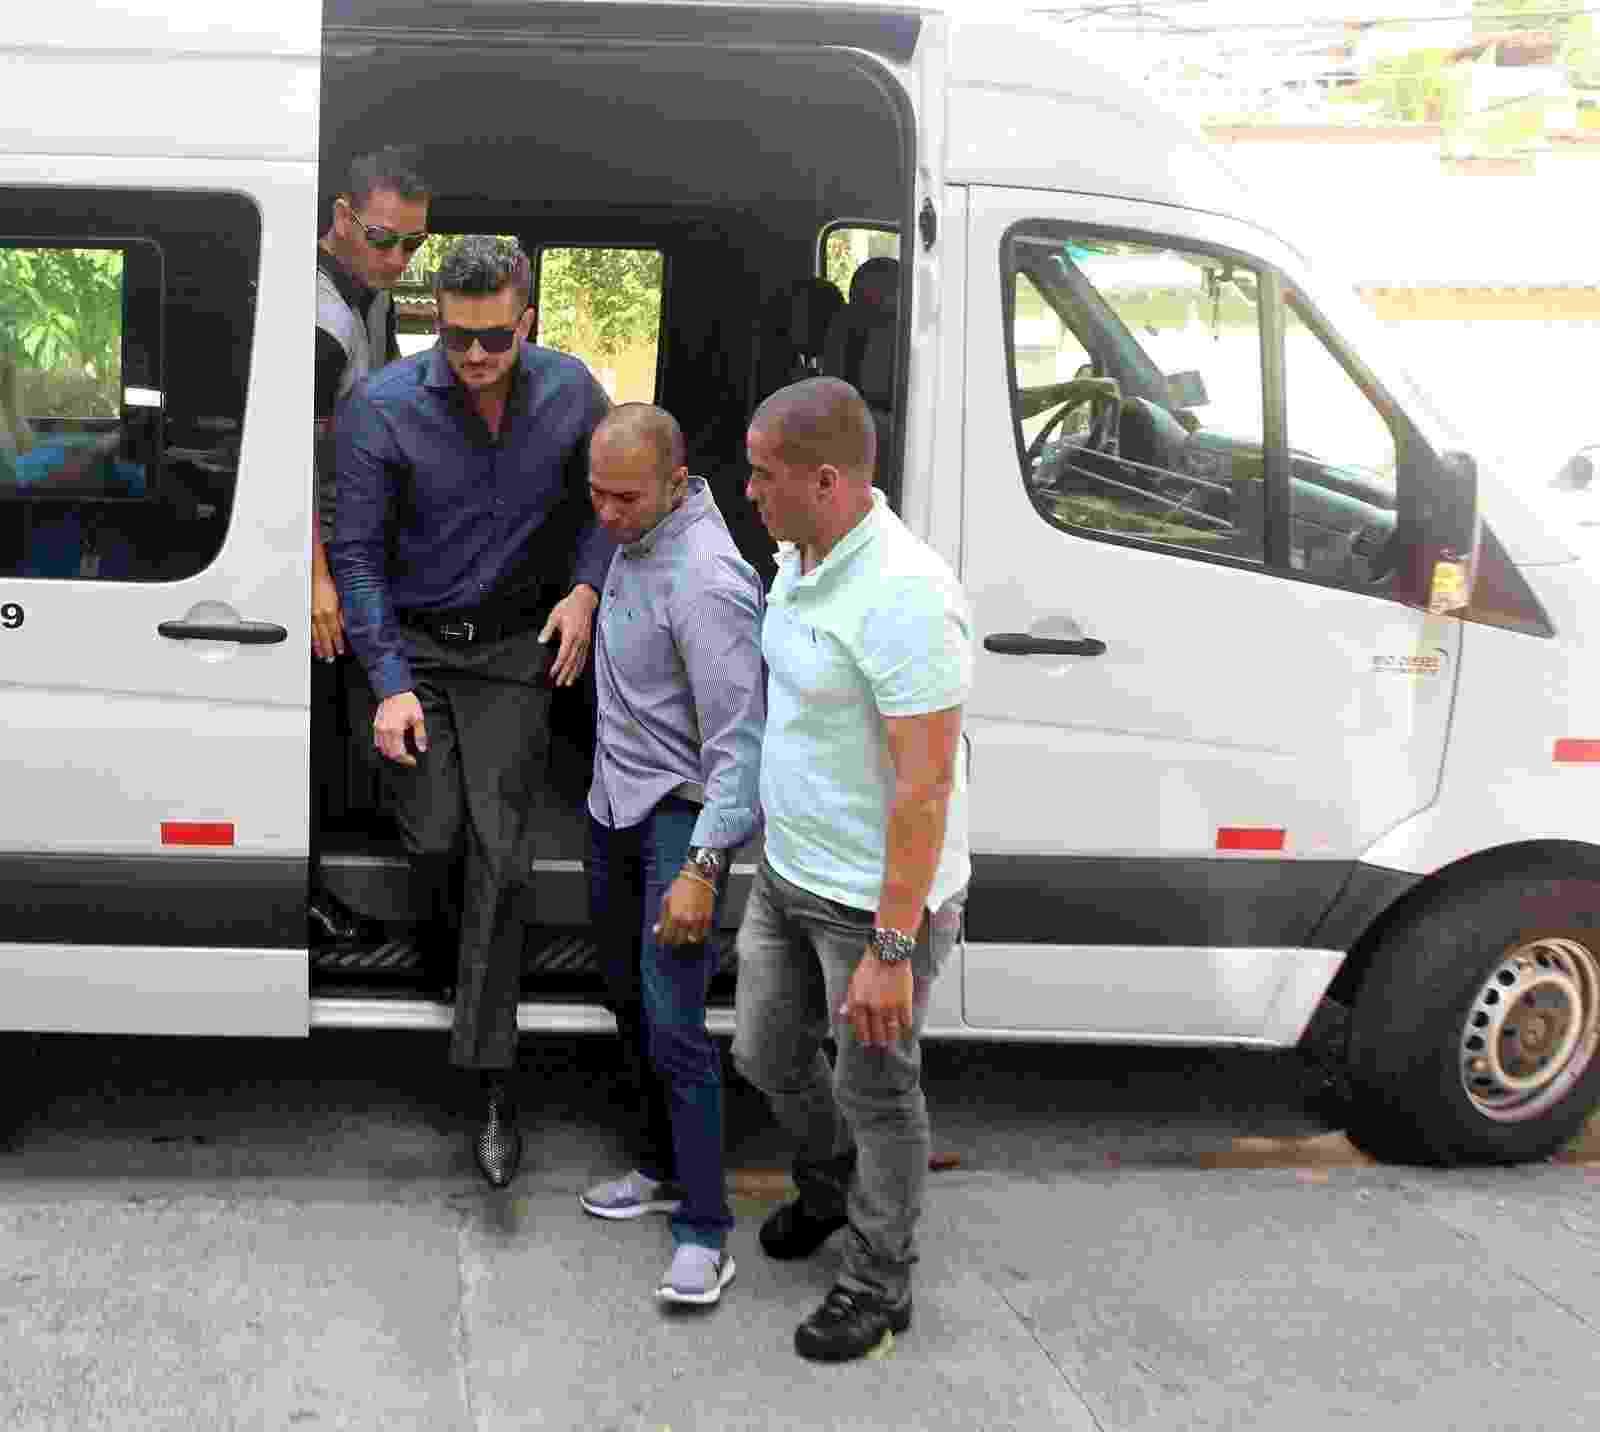 Marcos chega para depor em delegacia da mulher de Jacarepaguá, no Rio de Janeiro - Marcello Sá Barreto/AgNews